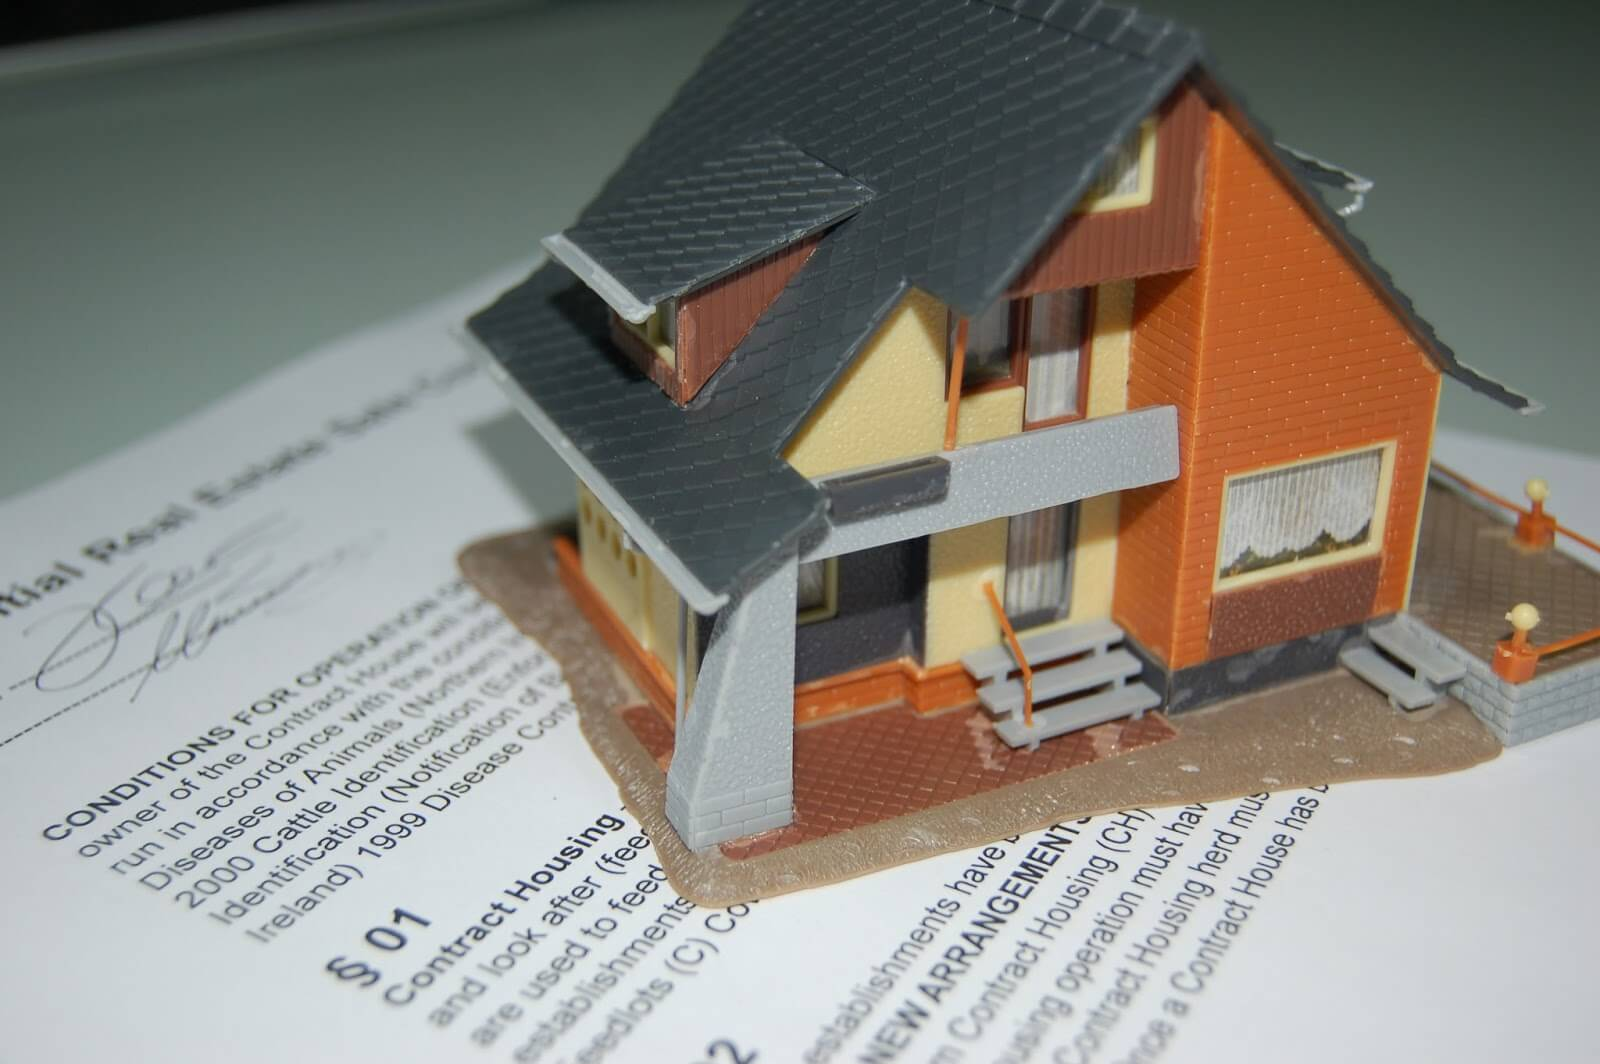 Раздел квартиры, купленной на подаренные деньги - сообщество юристов дарение денег на покупку квартиры